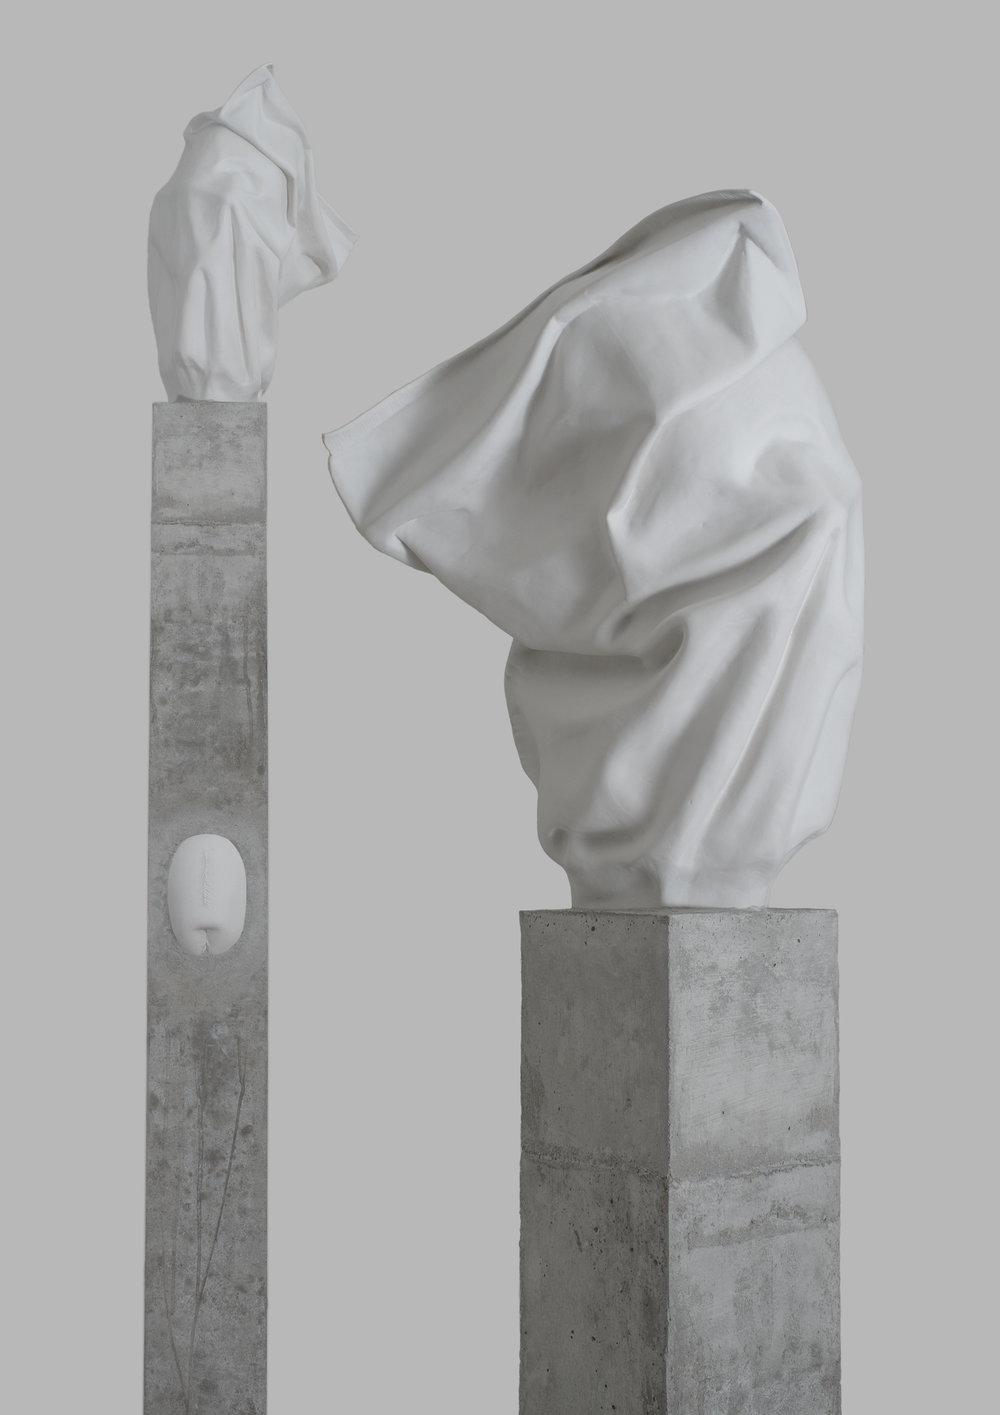 James webster Art Sablon martyrs sculpture